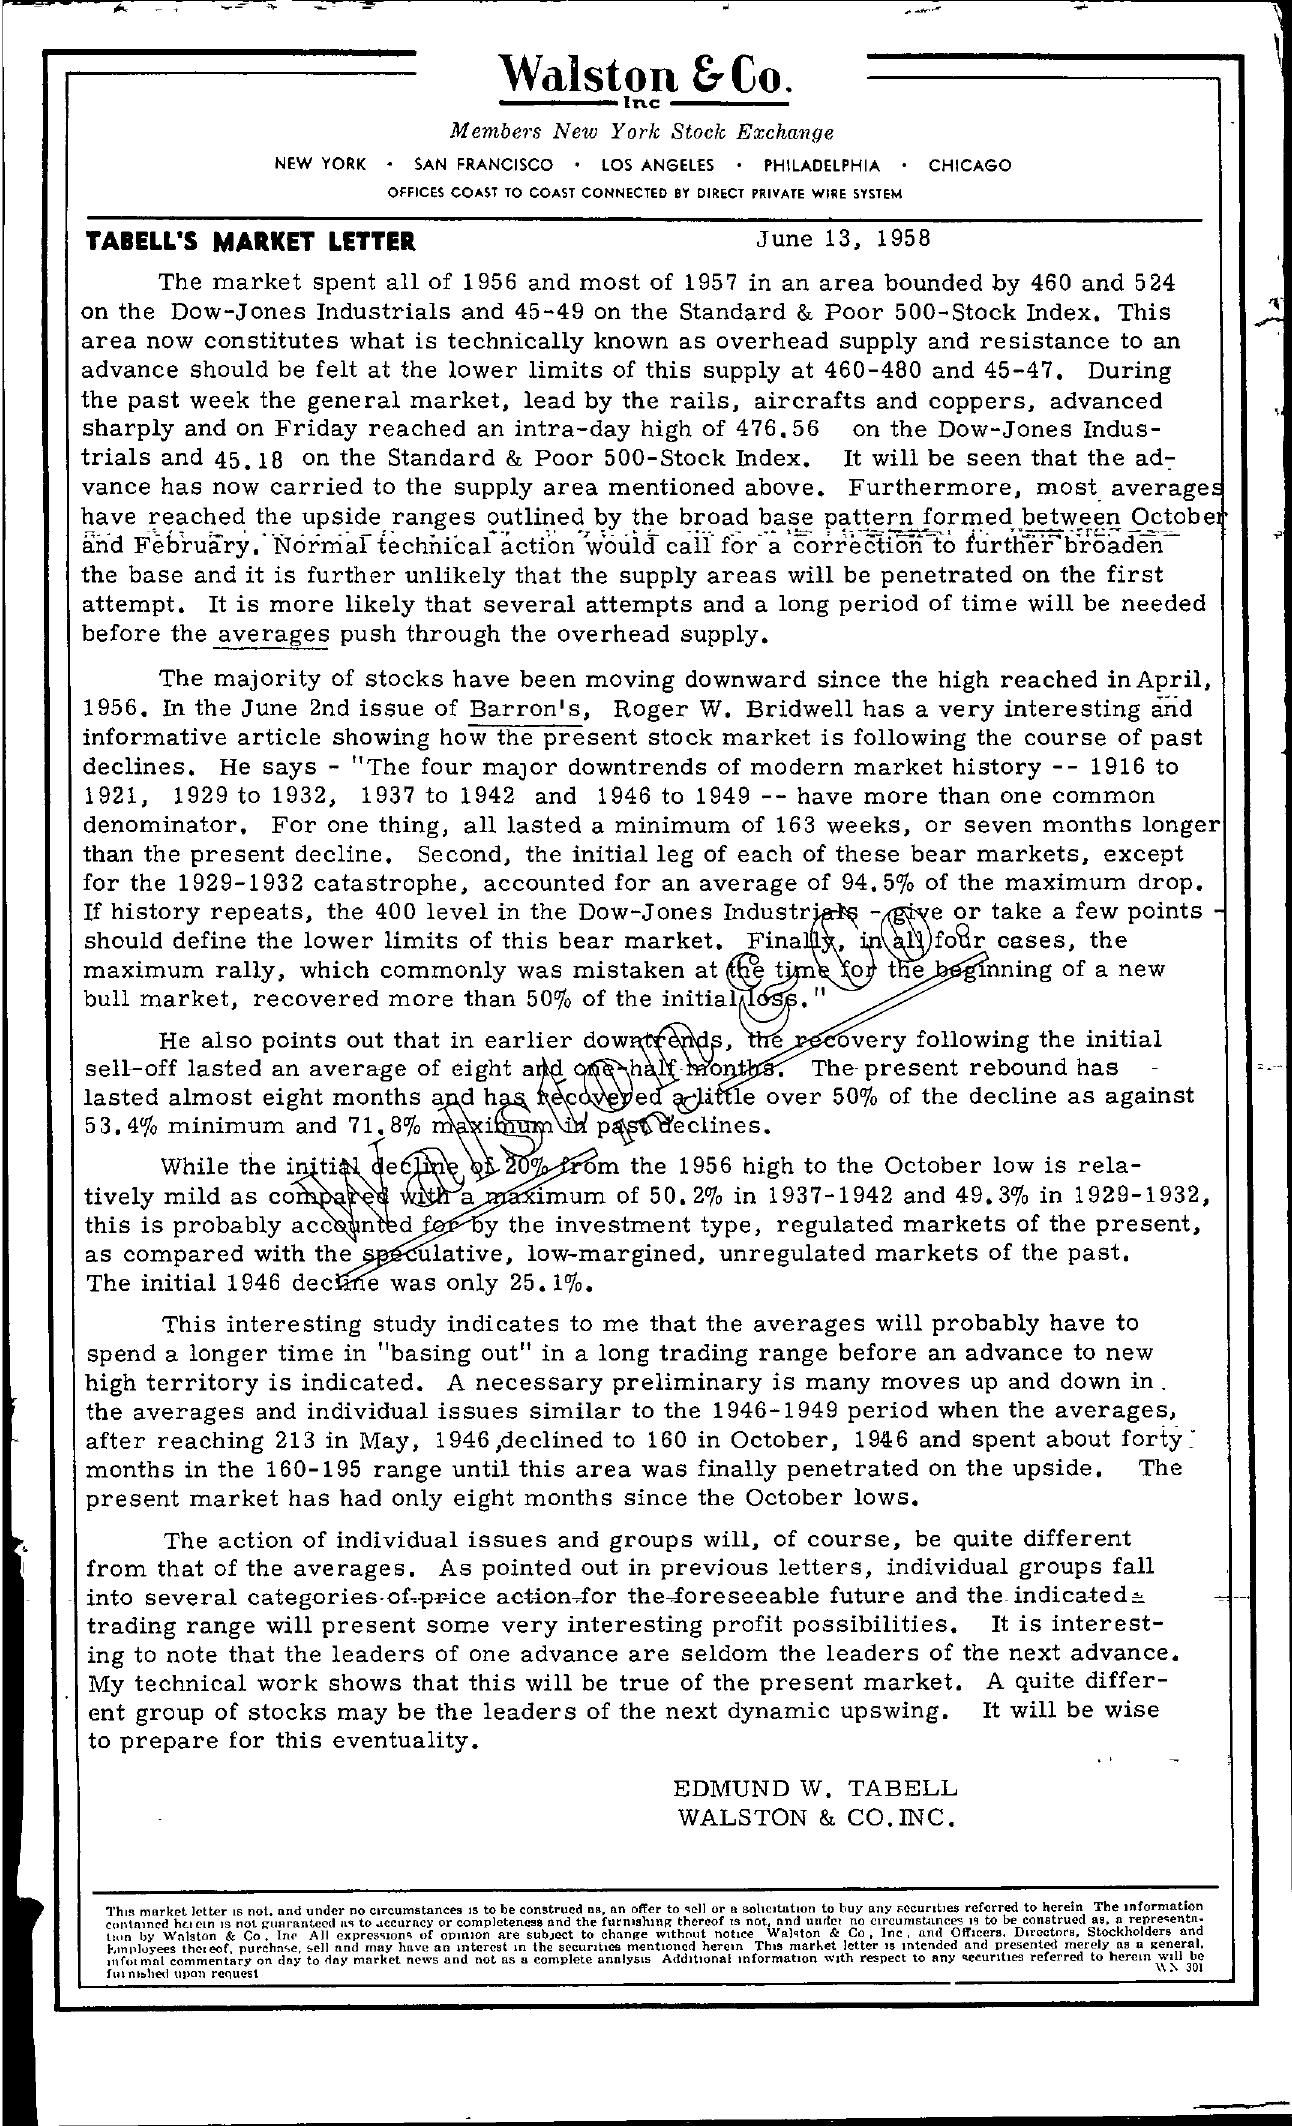 Tabell's Market Letter - June 13, 1958